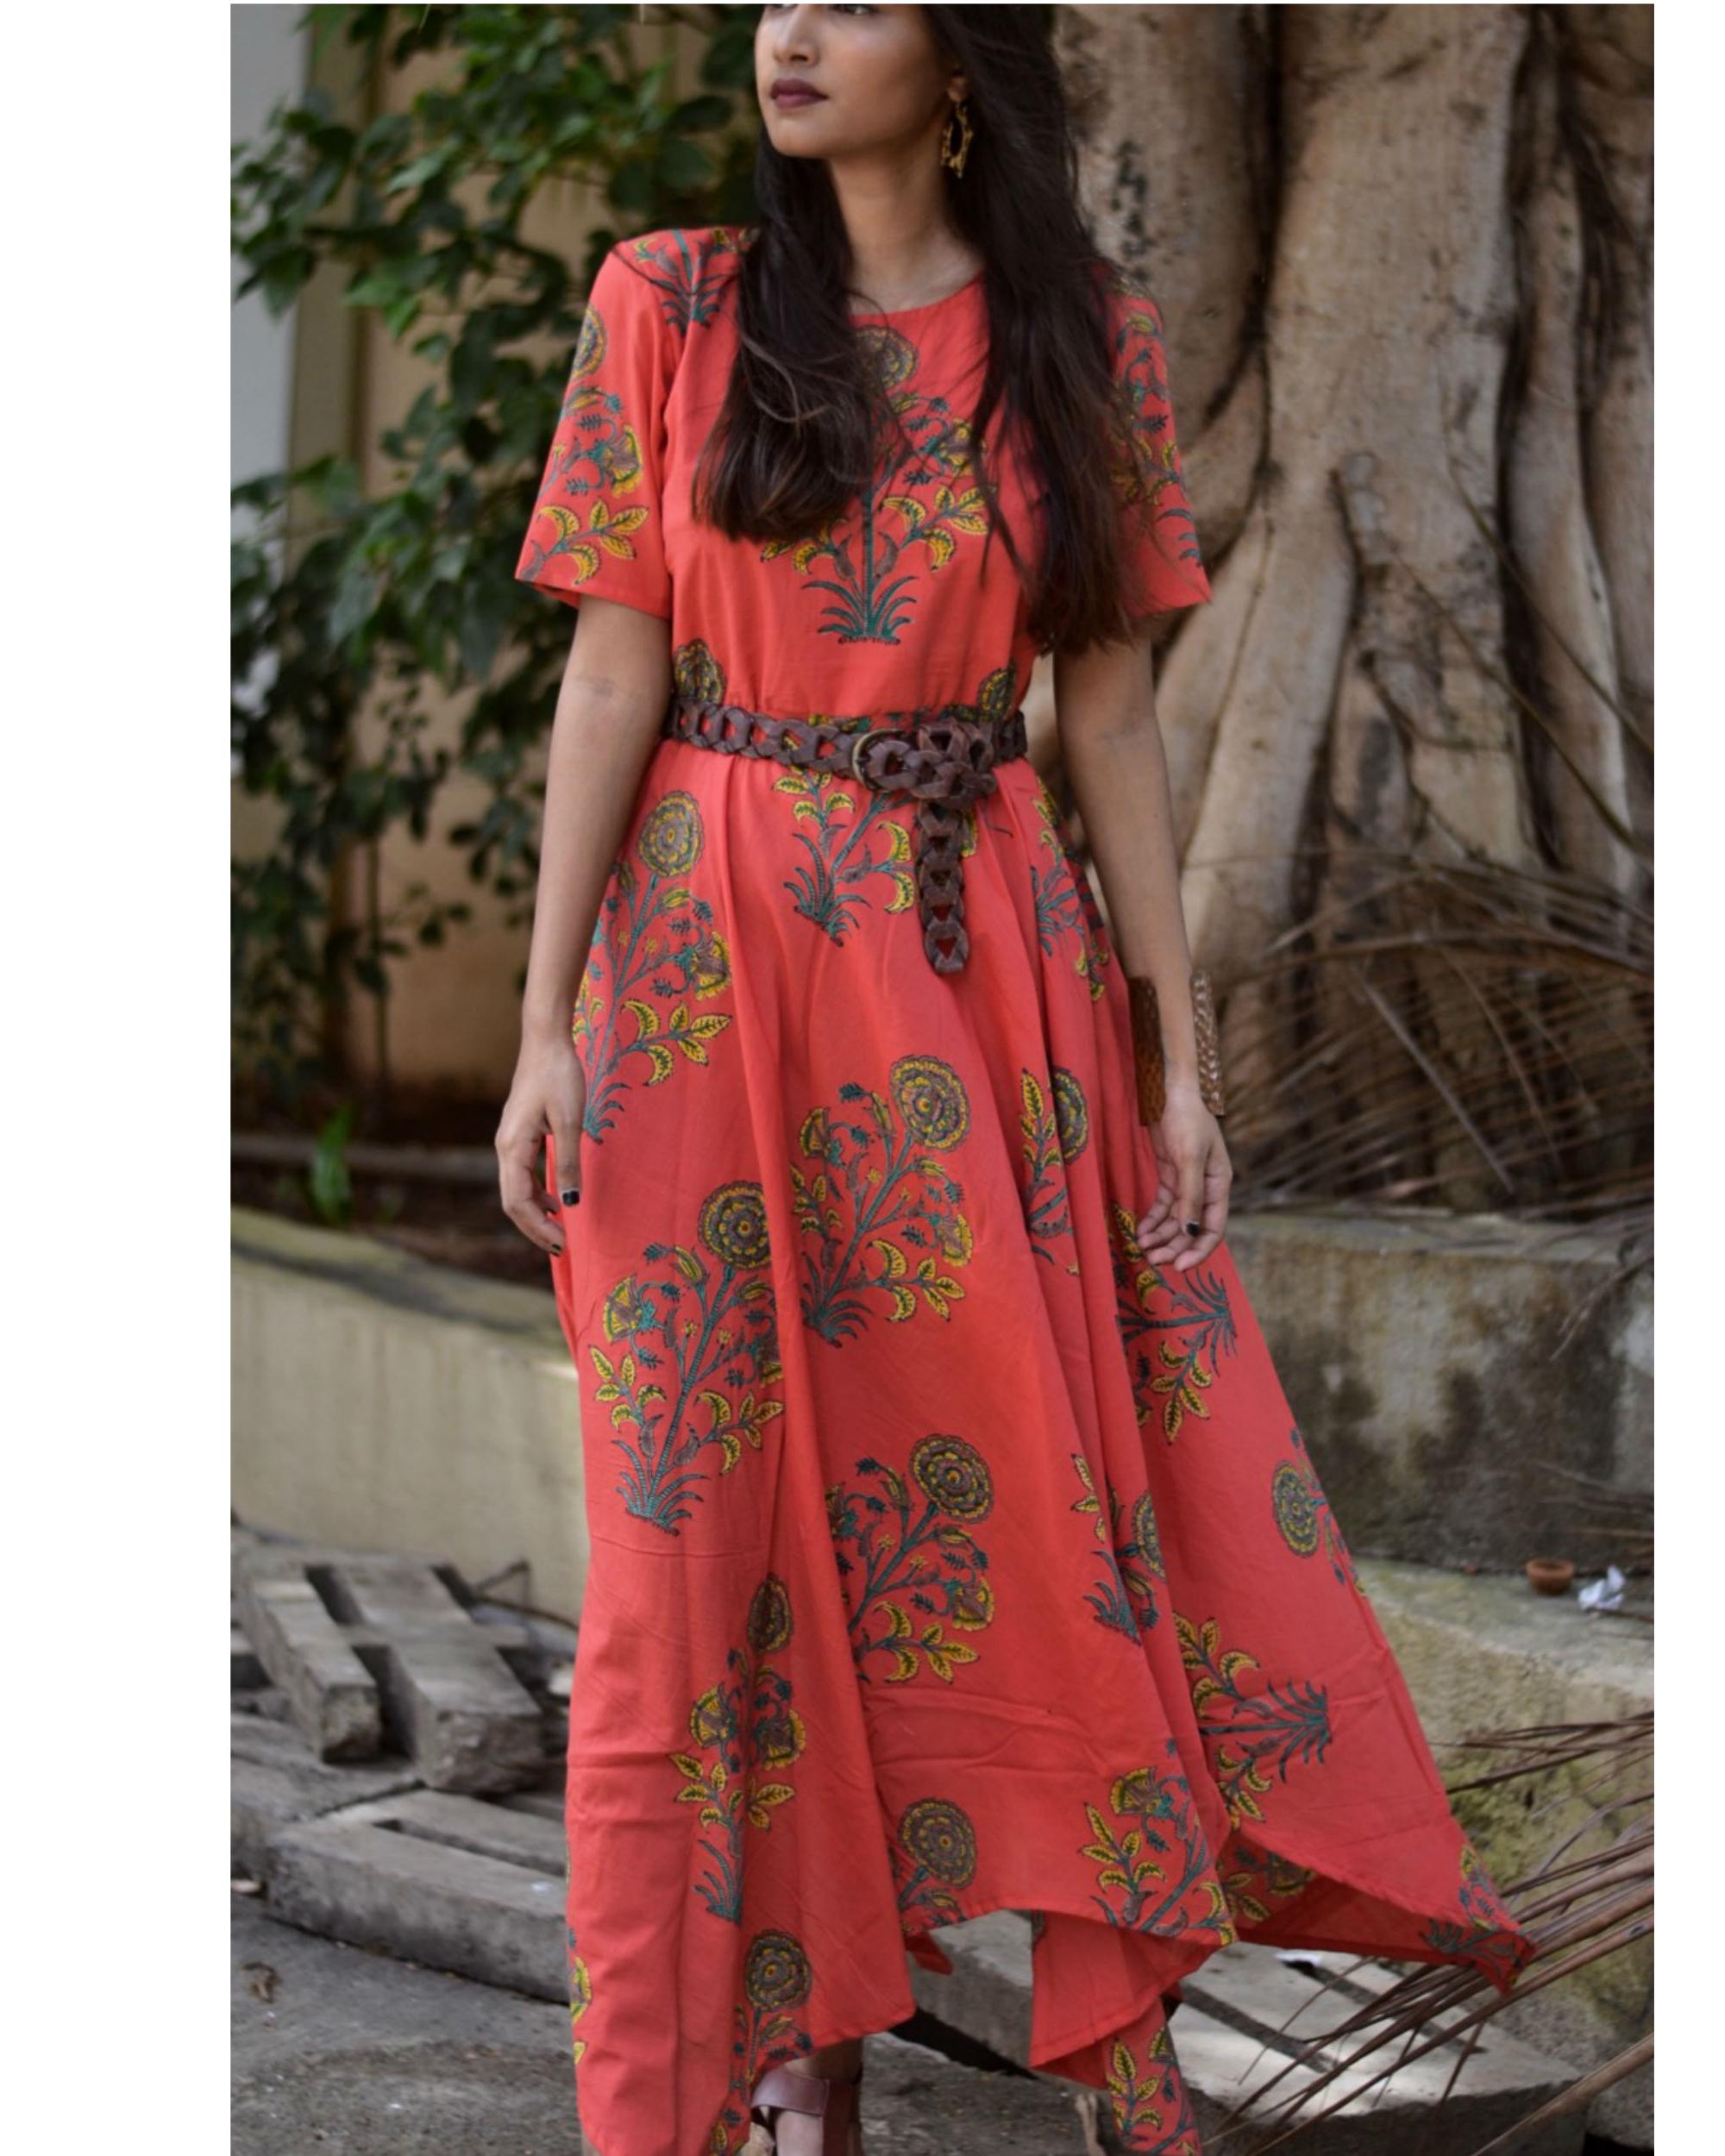 RED ART DRESS